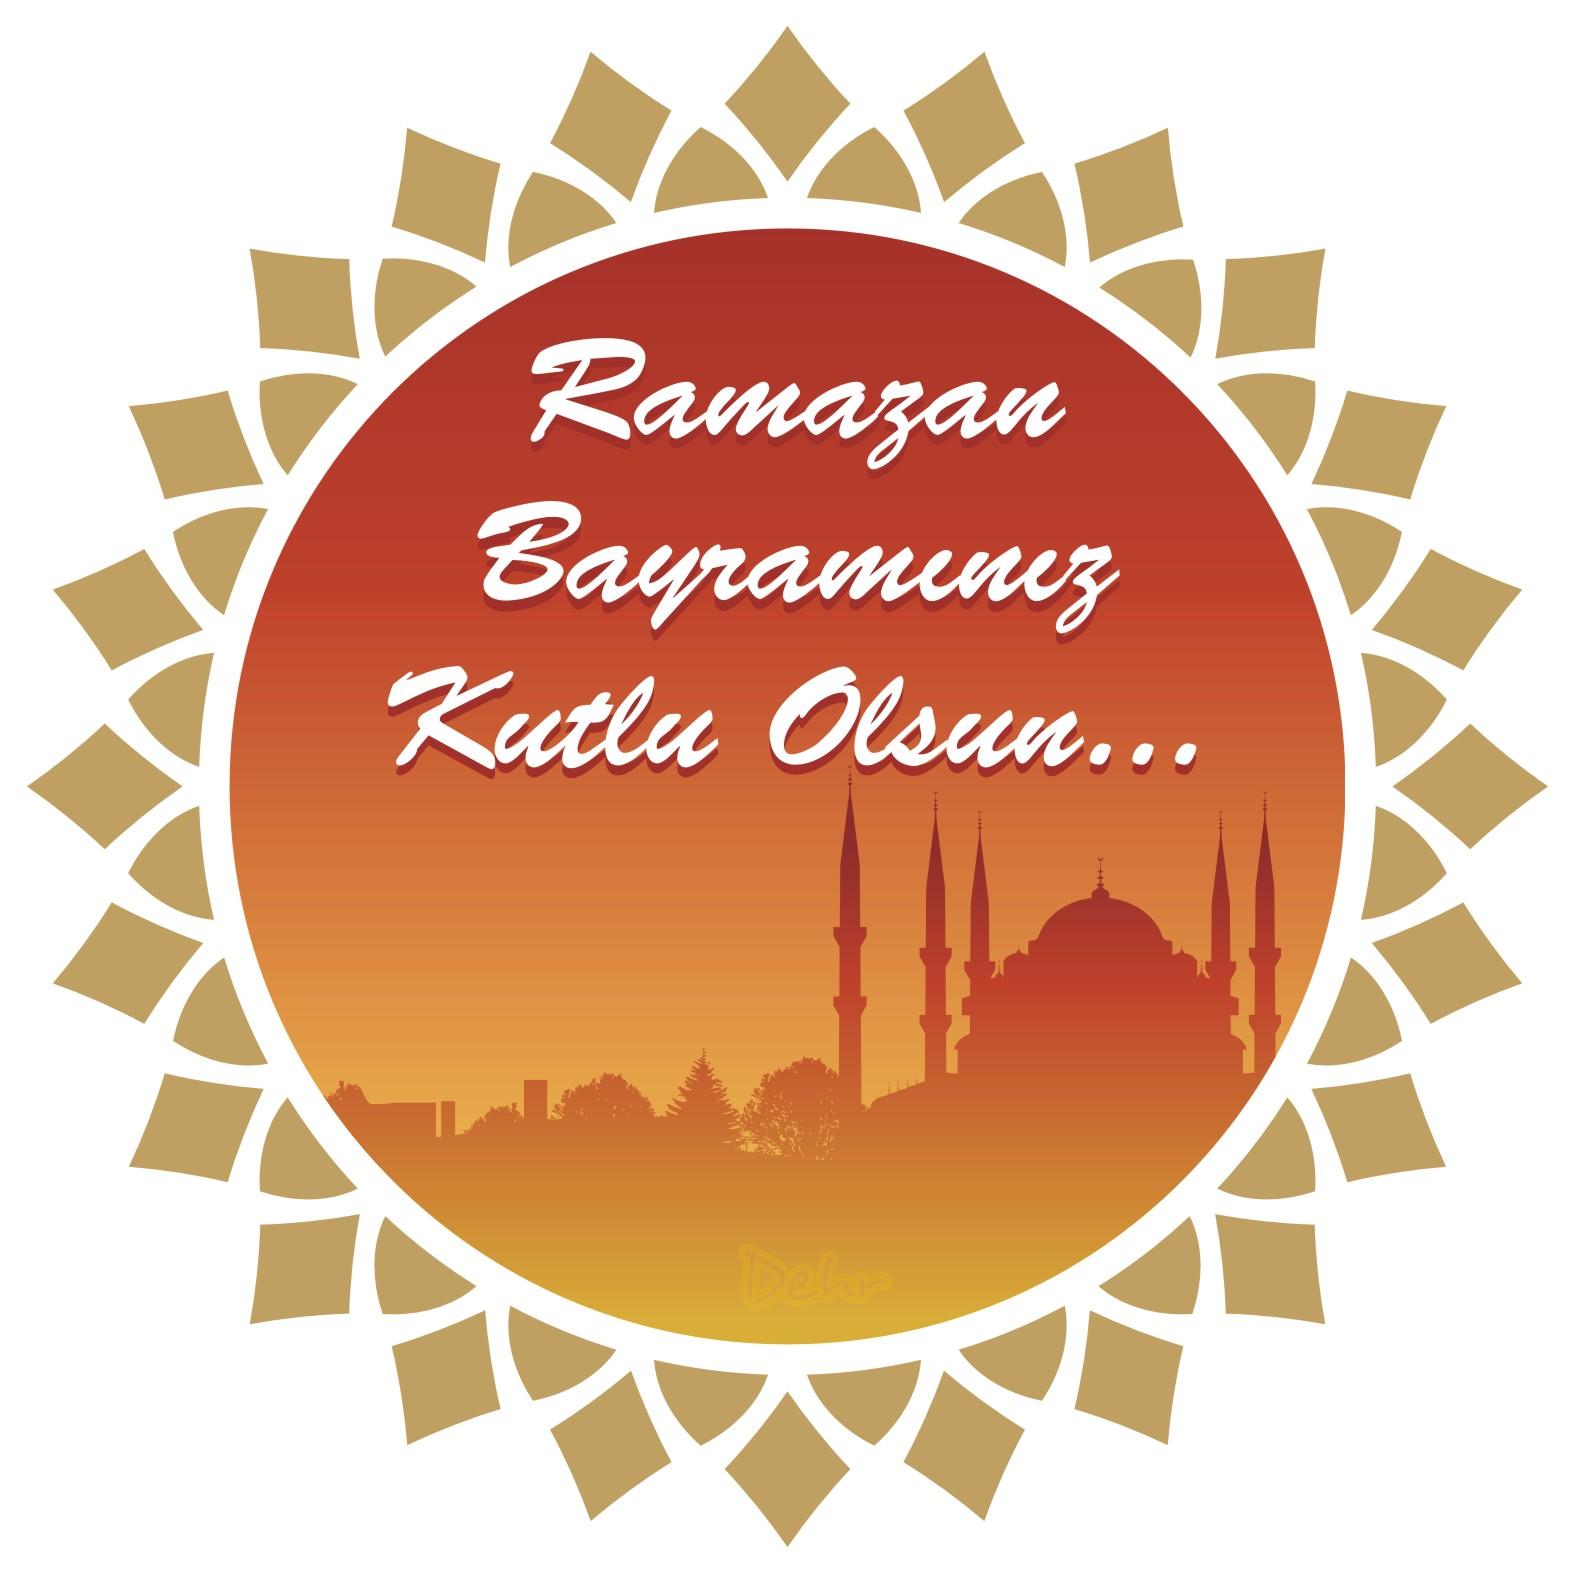 2013 Ramazan Bayramınız Kutlu Olsun